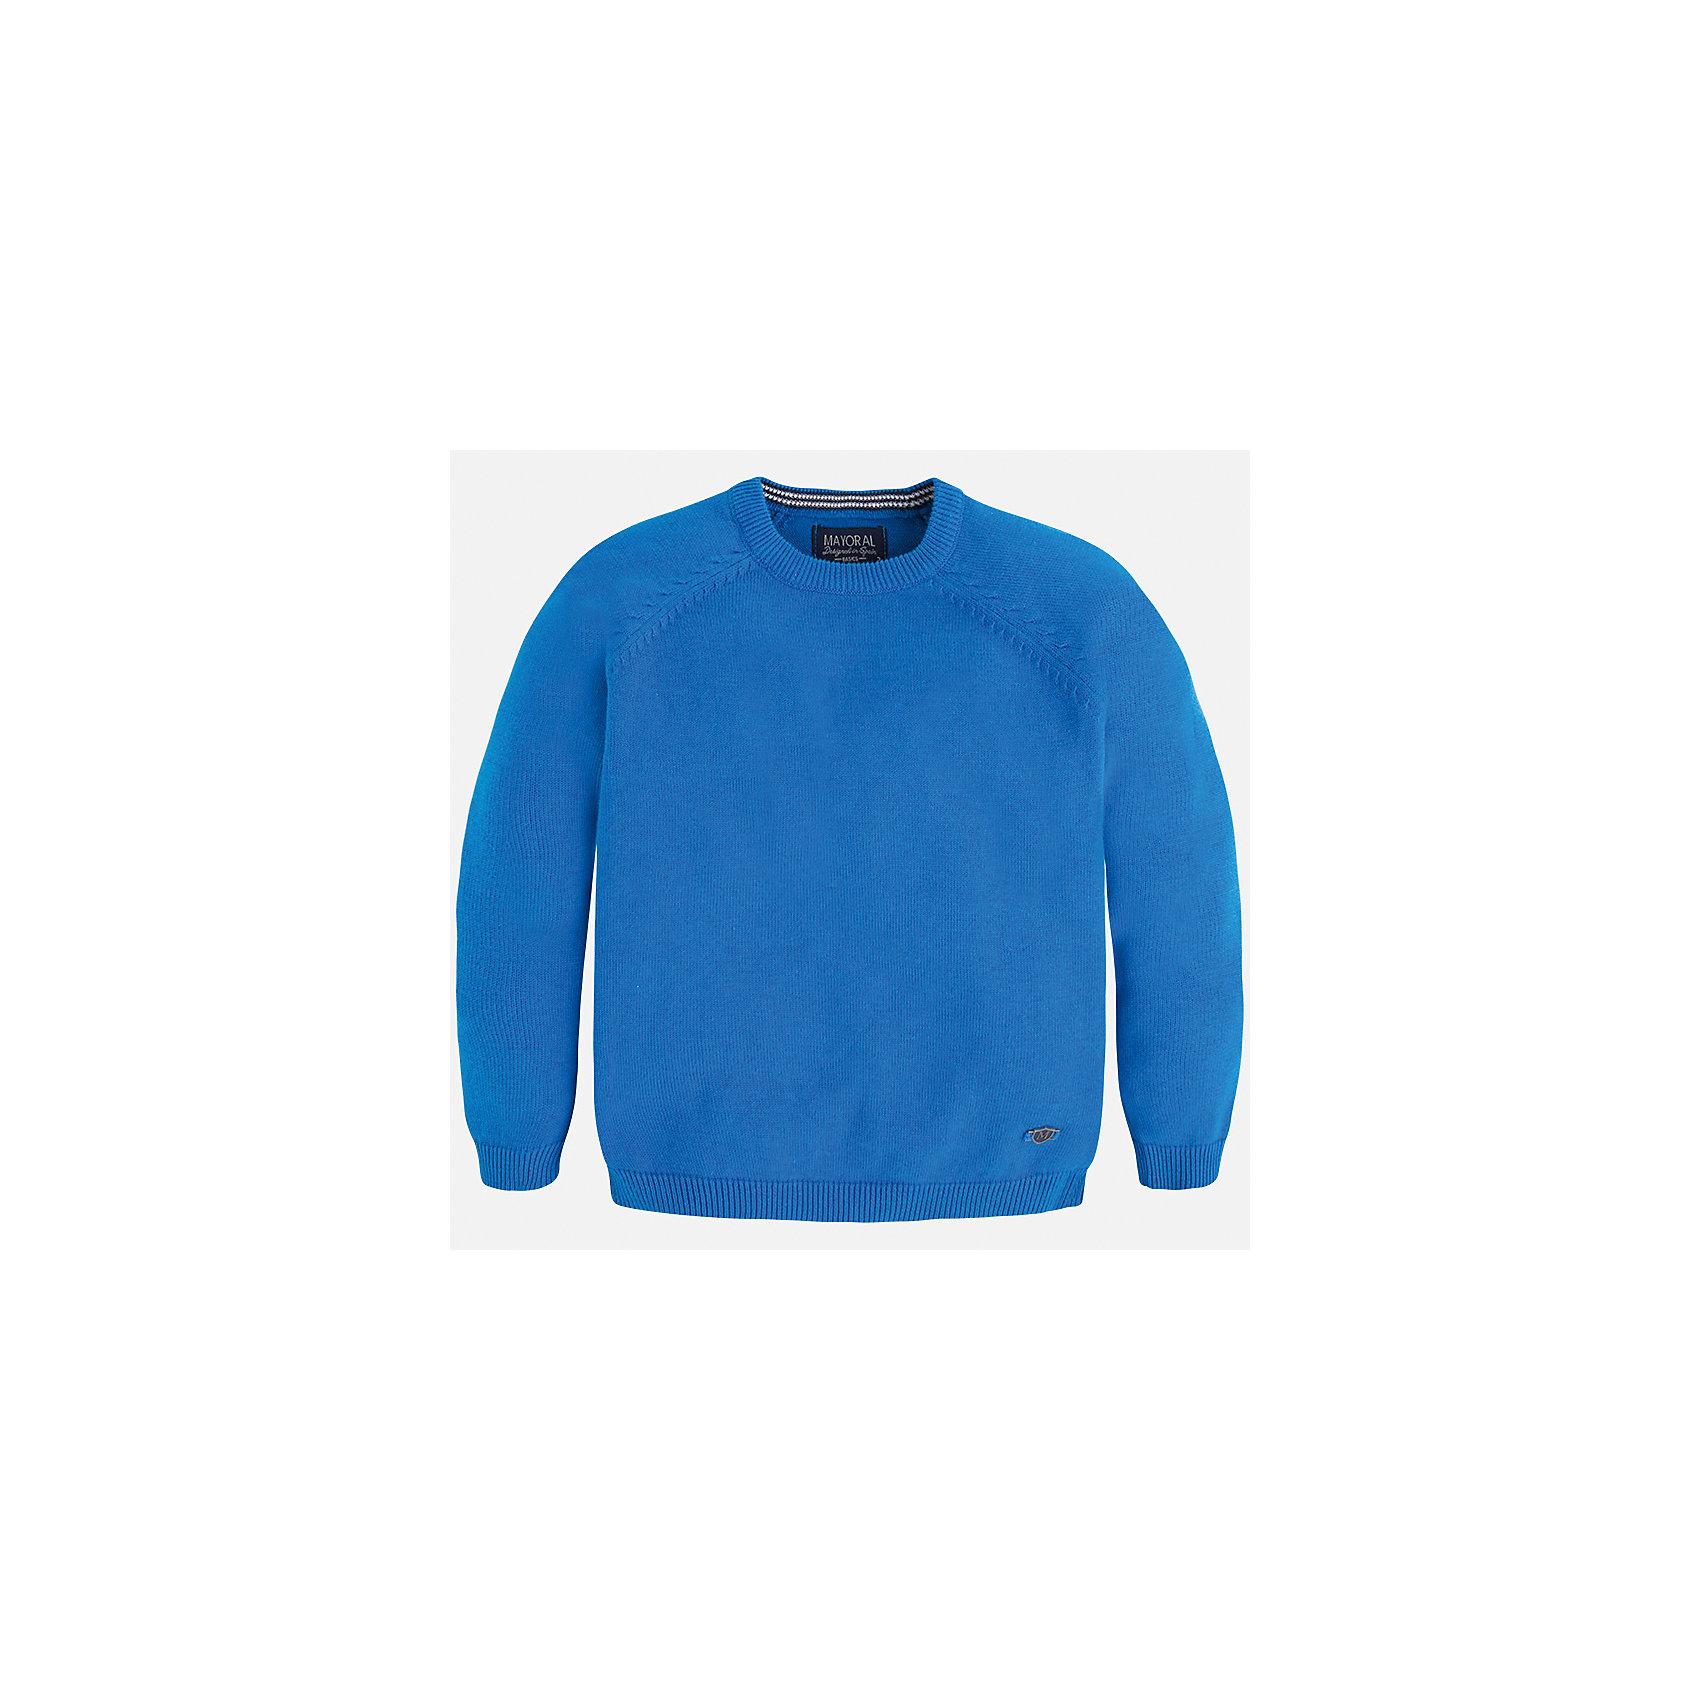 Свитер для мальчика MayoralХарактеристики товара:<br><br>• цвет: голубой<br>• состав: 60% хлопок, 30% полиэстер, 10% шерсть<br>• рукава длинные <br>• вышивка на груди<br>• округлая горловина<br>• манжеты<br>• страна бренда: Испания<br><br>Удобный и красивый свитер для мальчика поможет разнообразить гардероб ребенка и обеспечить тепло. Он отлично сочетается и с джинсами, и с брюками. Универсальный цвет позволяет подобрать к вещи низ различных расцветок. Интересная отделка модели делает её нарядной и оригинальной. В составе материала - натуральный хлопок, гипоаллергенный, приятный на ощупь, дышащий.<br><br>Одежда, обувь и аксессуары от испанского бренда Mayoral полюбились детям и взрослым по всему миру. Модели этой марки - стильные и удобные. Для их производства используются только безопасные, качественные материалы и фурнитура. Порадуйте ребенка модными и красивыми вещами от Mayoral! <br><br>Свитер для мальчика от испанского бренда Mayoral (Майорал) можно купить в нашем интернет-магазине.<br><br>Ширина мм: 190<br>Глубина мм: 74<br>Высота мм: 229<br>Вес г: 236<br>Цвет: синий<br>Возраст от месяцев: 84<br>Возраст до месяцев: 96<br>Пол: Мужской<br>Возраст: Детский<br>Размер: 128,110,122,134,116<br>SKU: 5277997